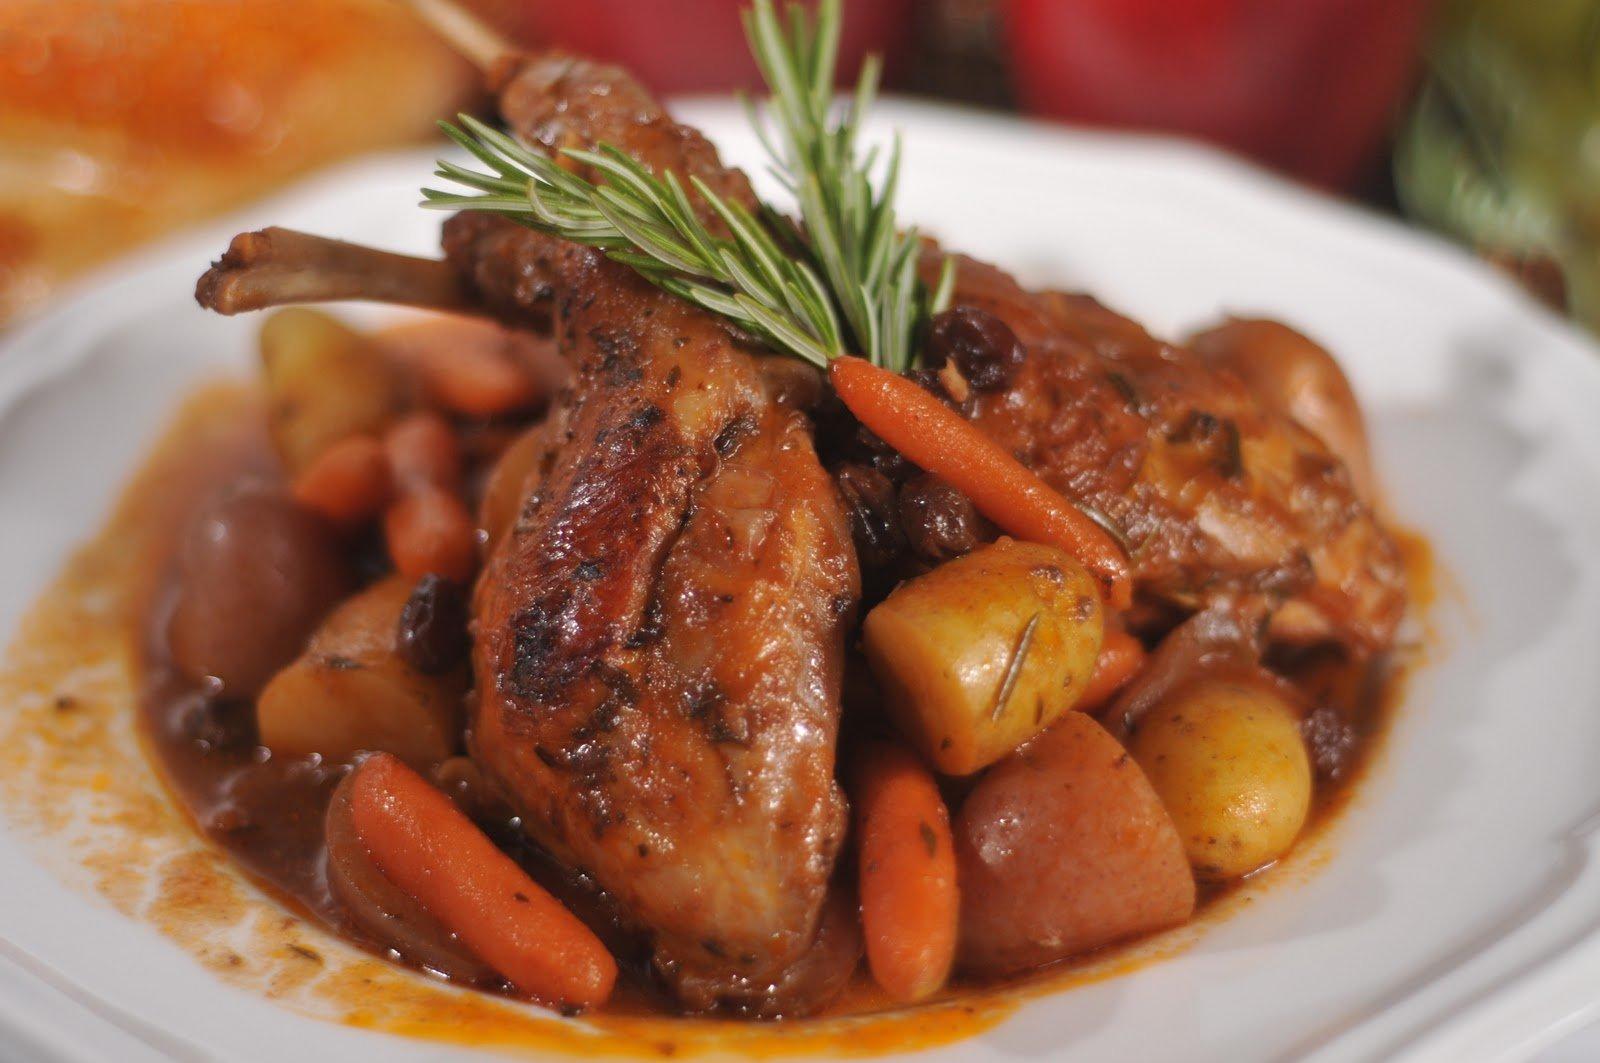 блюда из мяса кролика рецепты с фото самое курортное